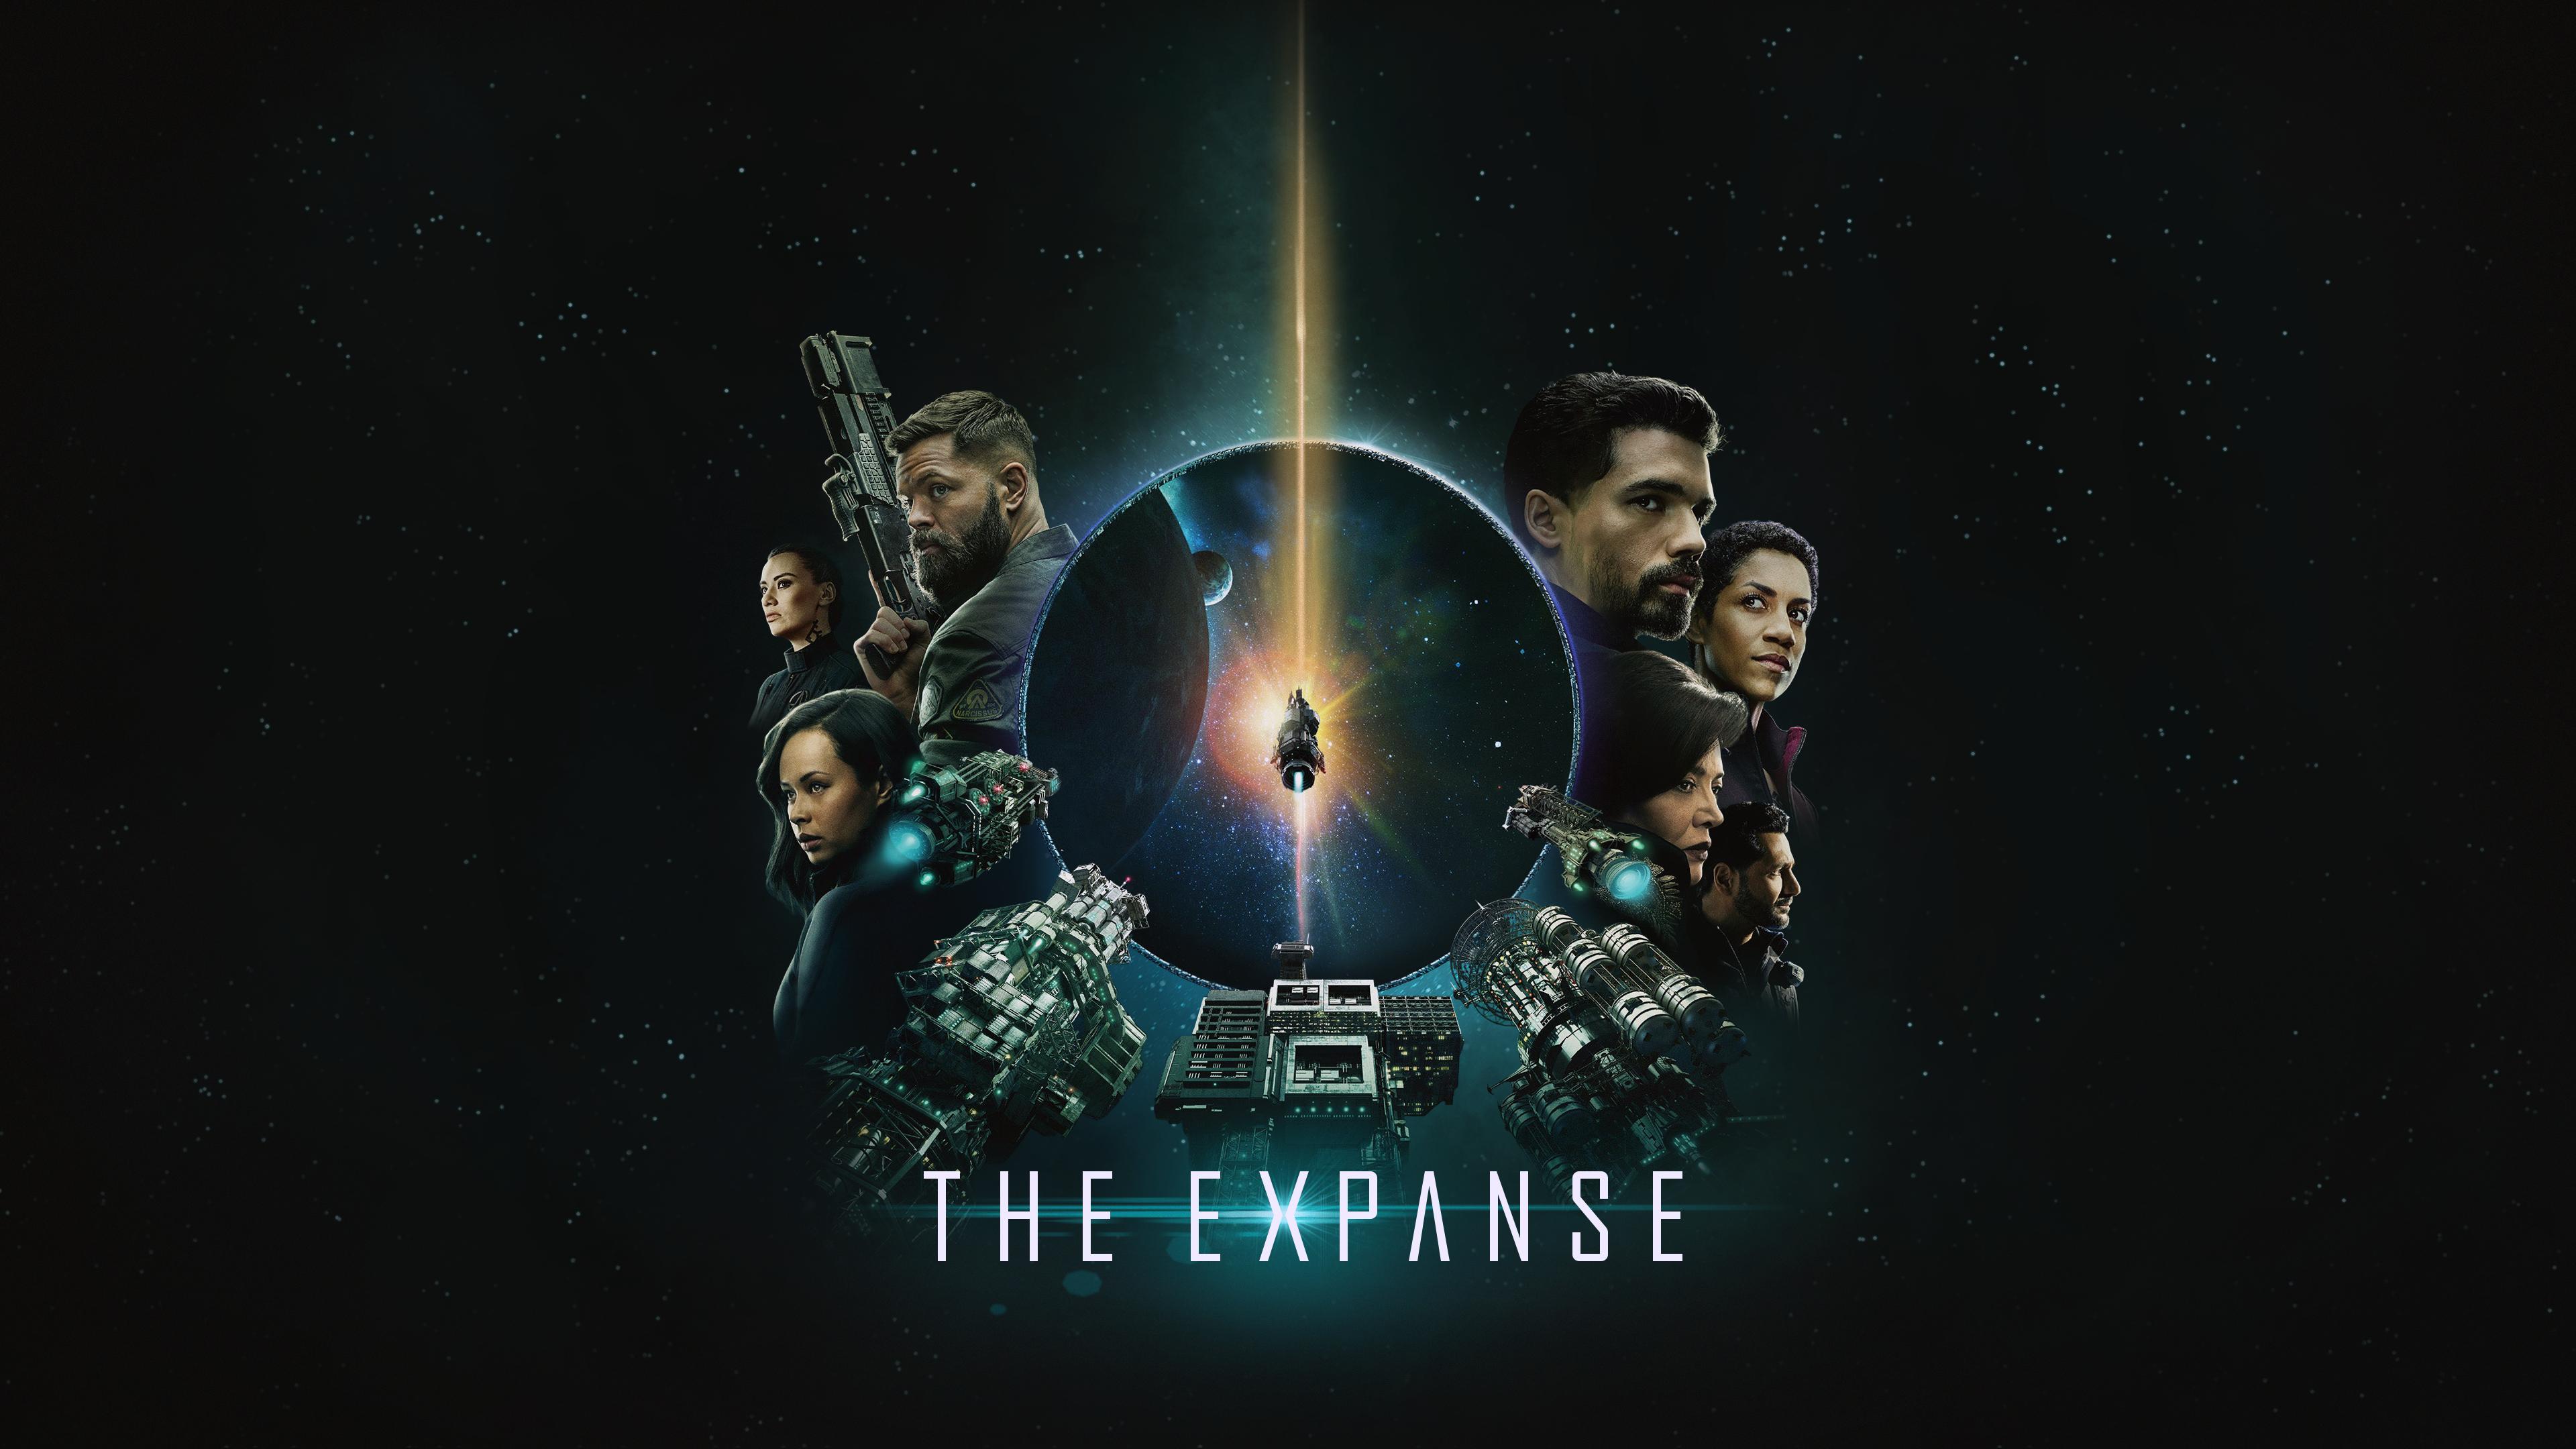 The Expanse Season 4 Wallpapers Hd Fhd Qhd Desktop